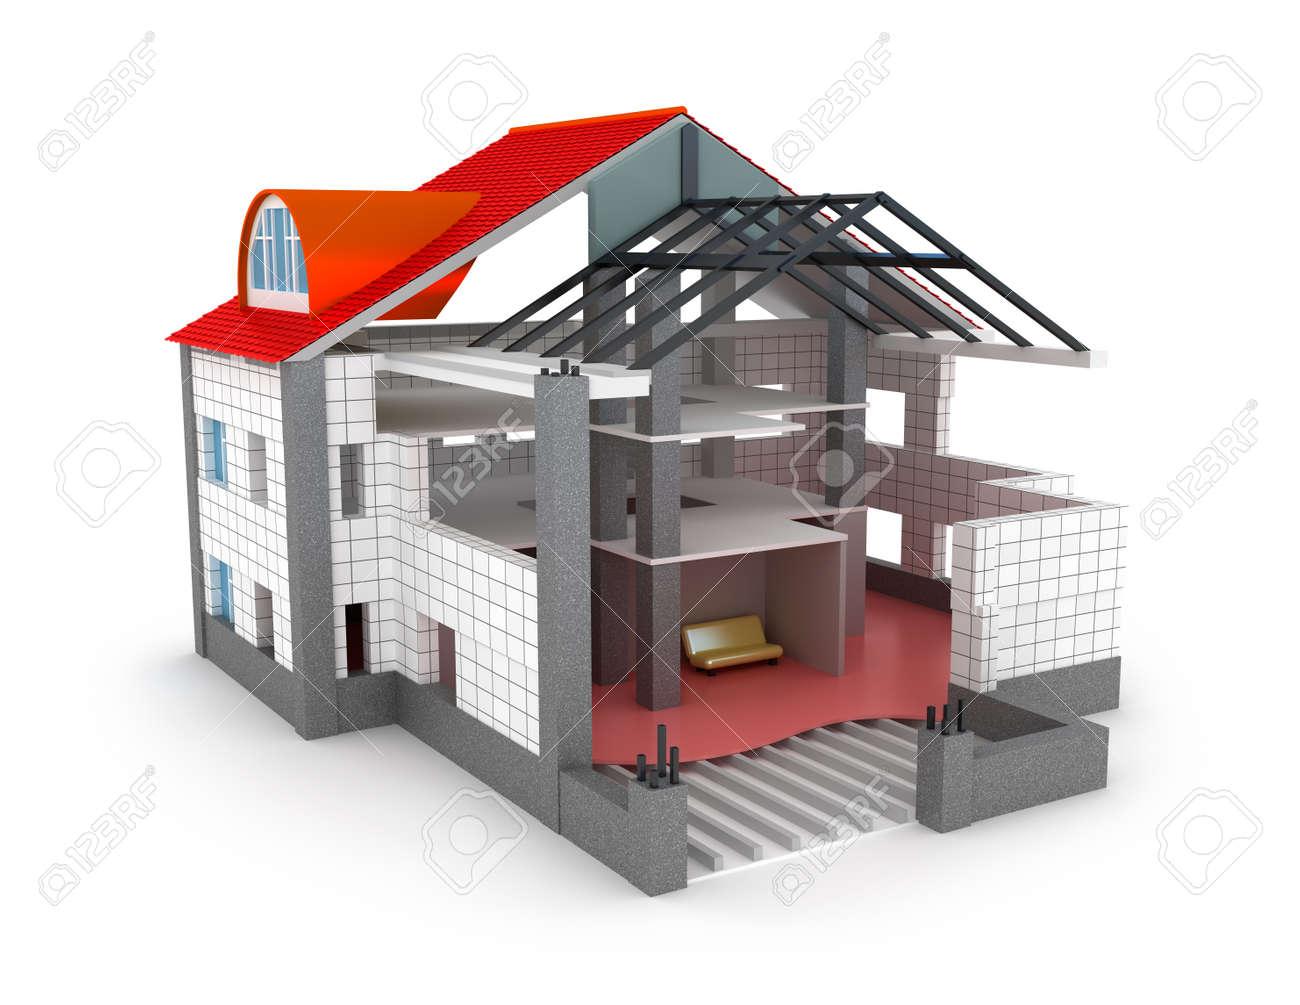 Architektur Plan Haus Isoliert Auf Weissem Mein Eigenes Design